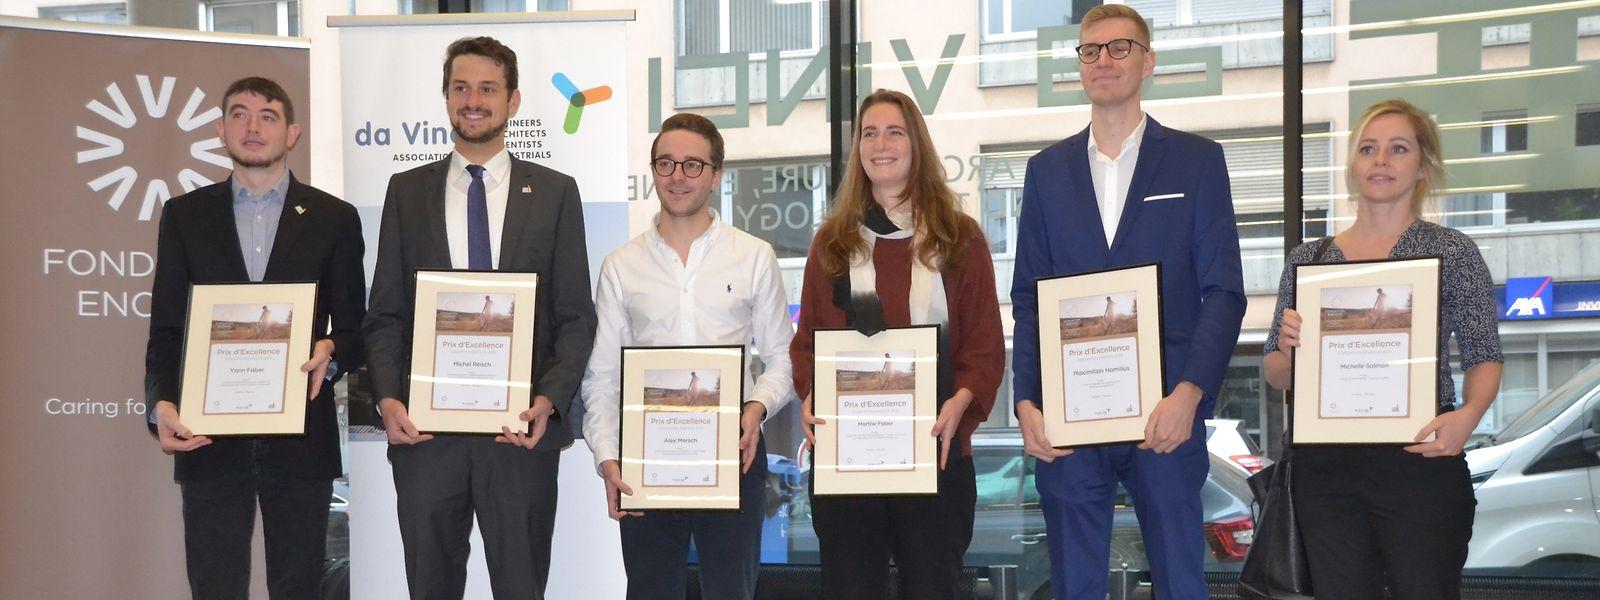 """Die sechs Preisträger des diesjährigen """"Prix d'excellence"""" der Stiftung Enovos."""